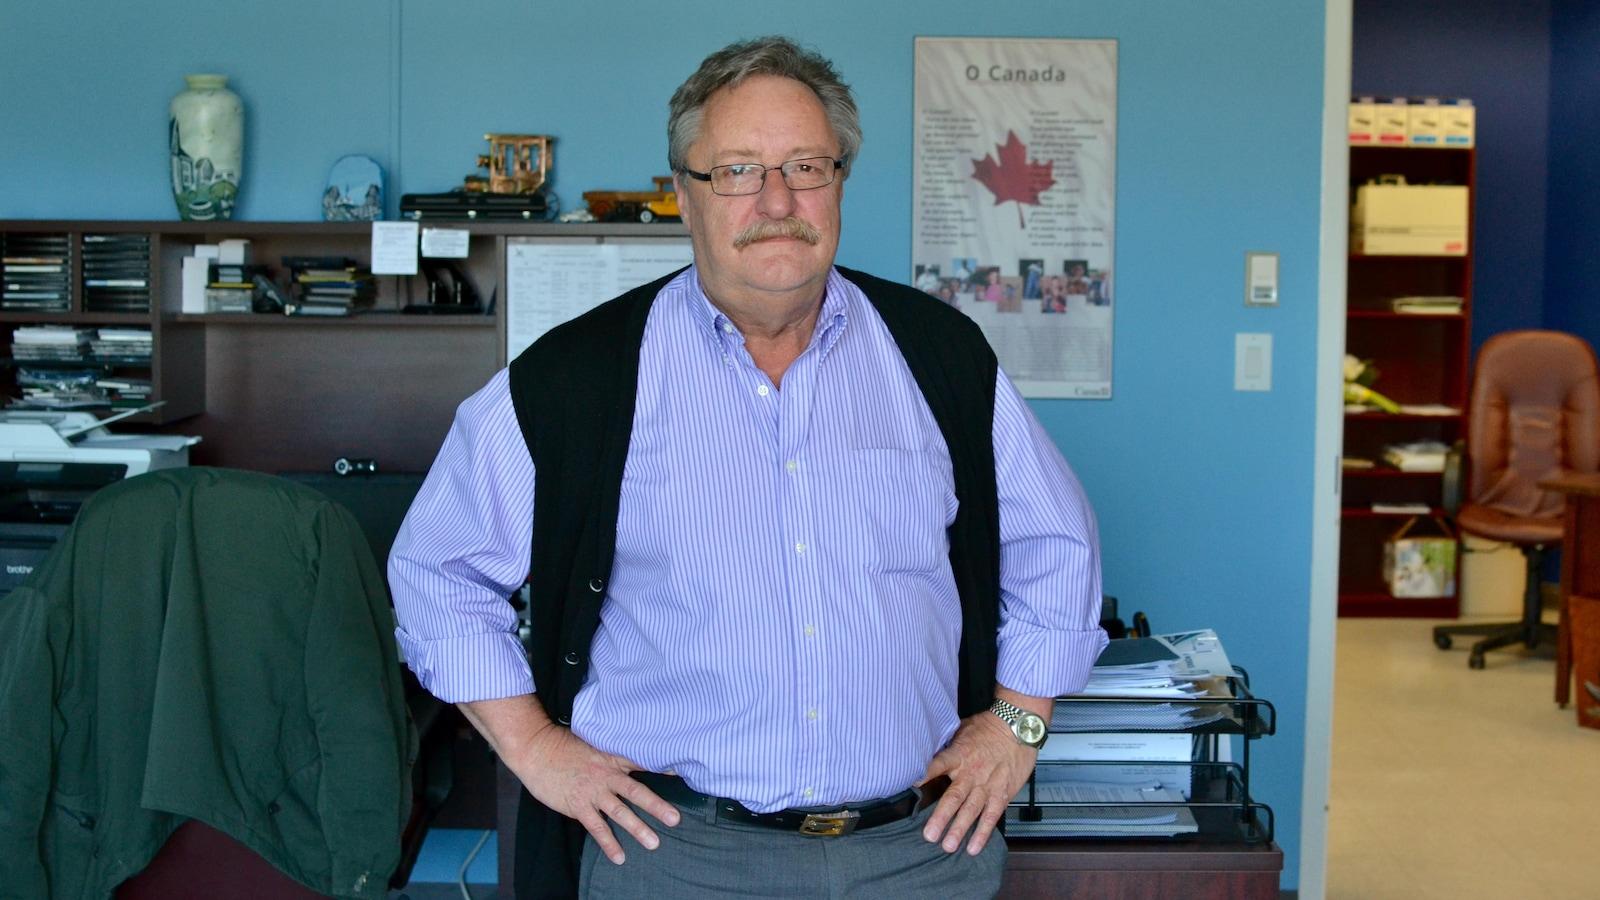 Yvon Samson dans son bureau à Petit-de-Grat au Cap Breton.